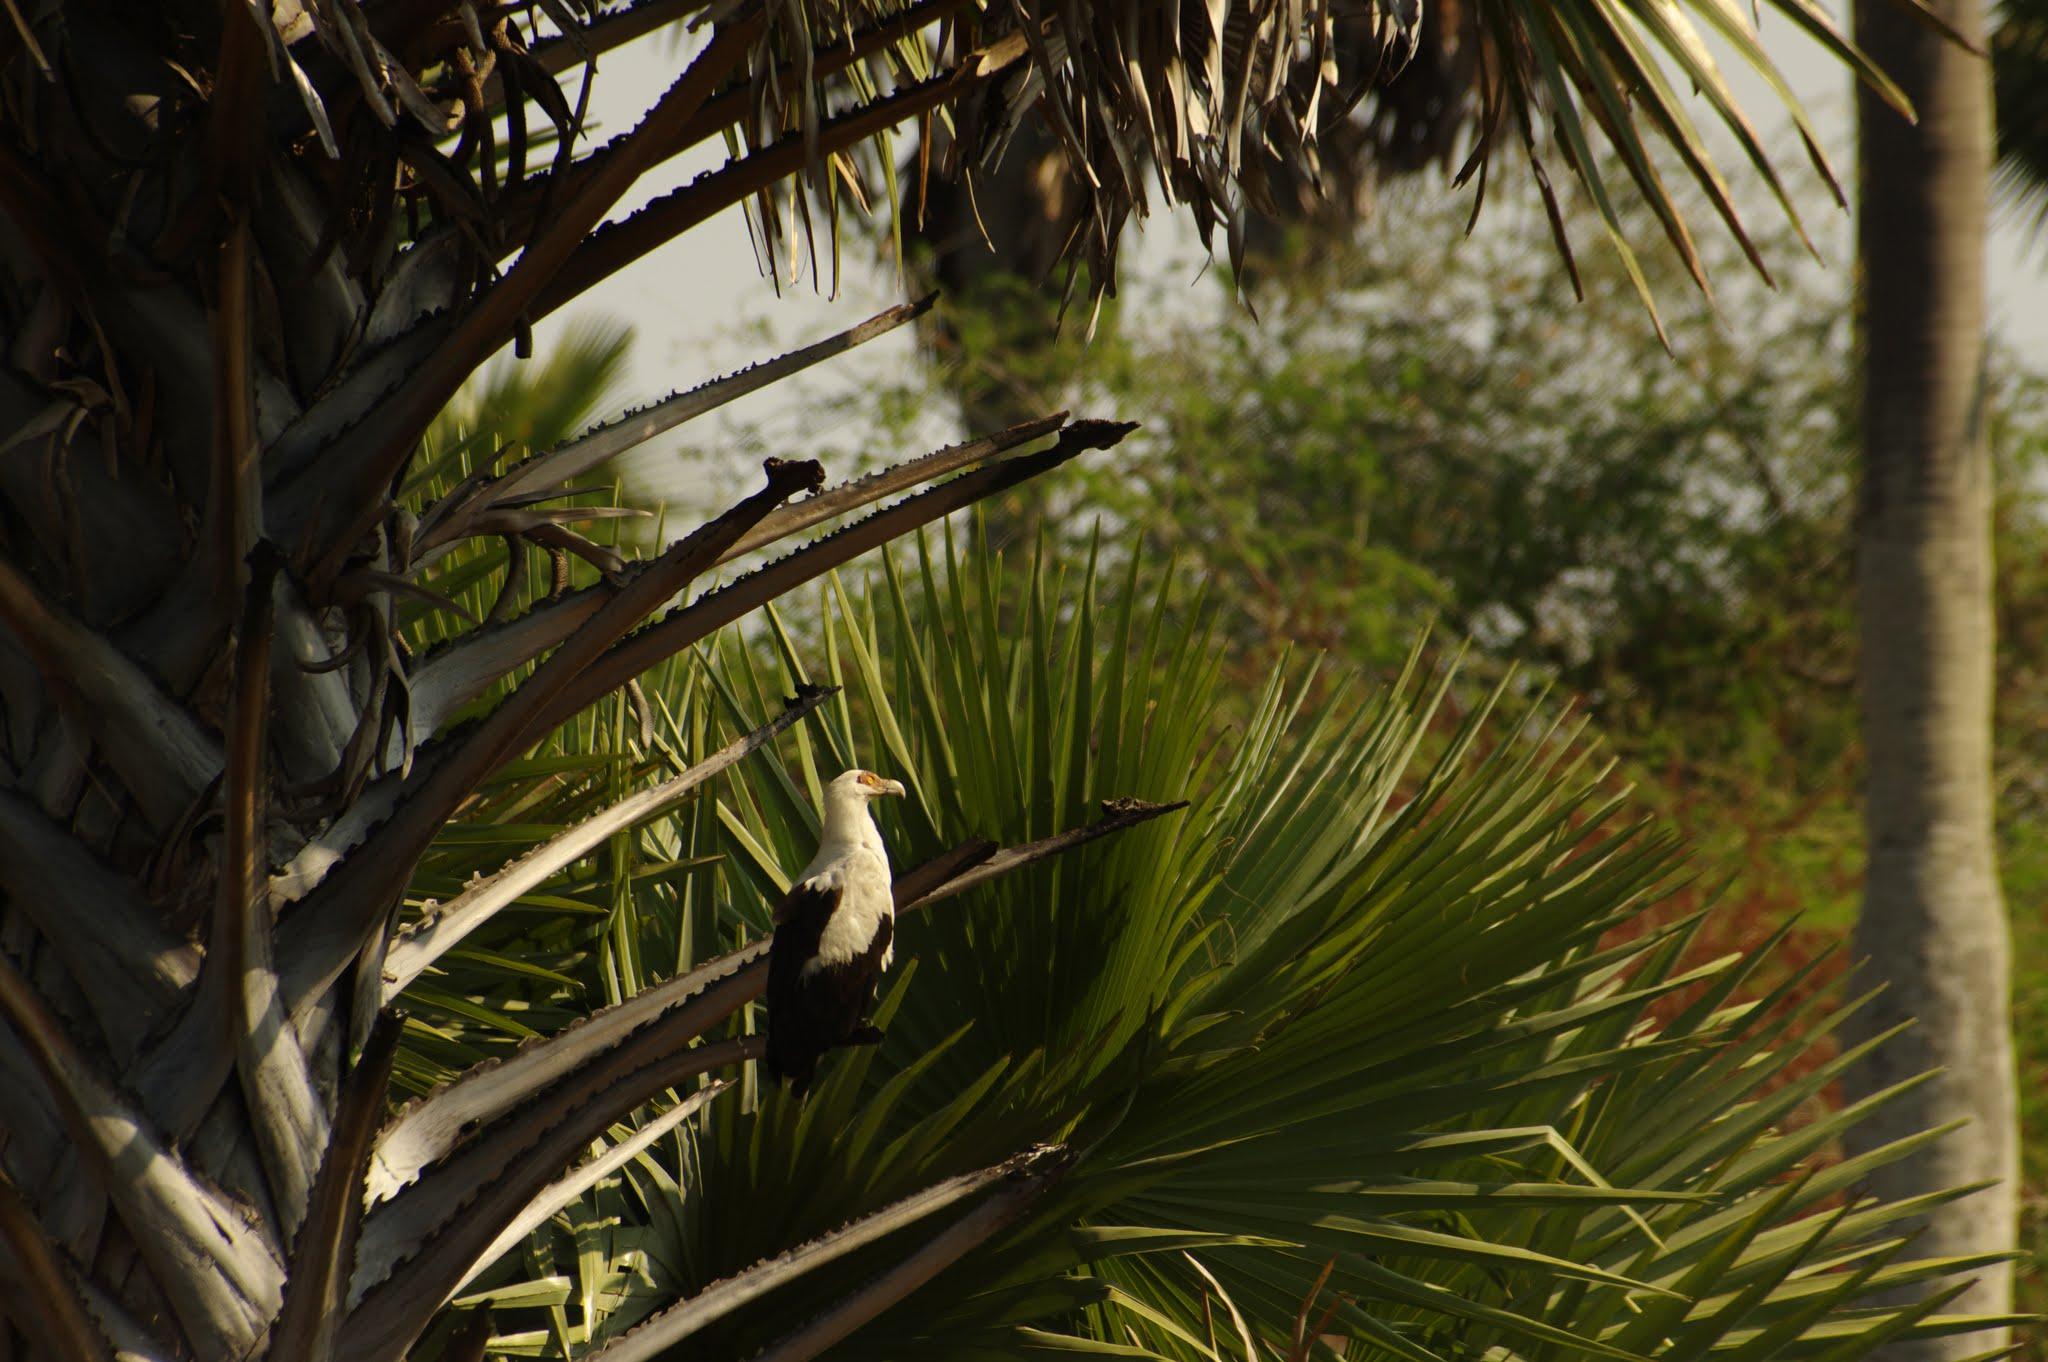 palmiste-africain2-katavi-08-14